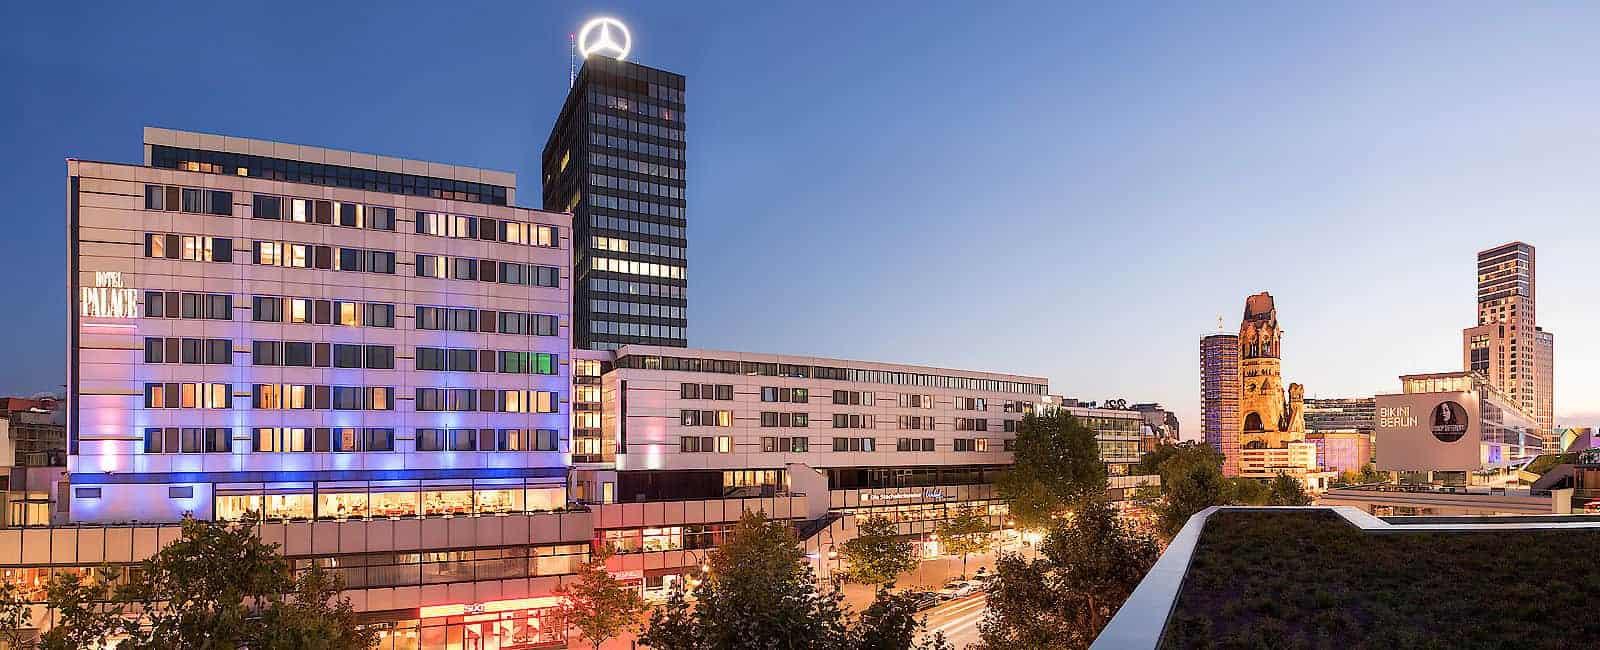 افضل 35 فندق في برلين من المسافرون العرب